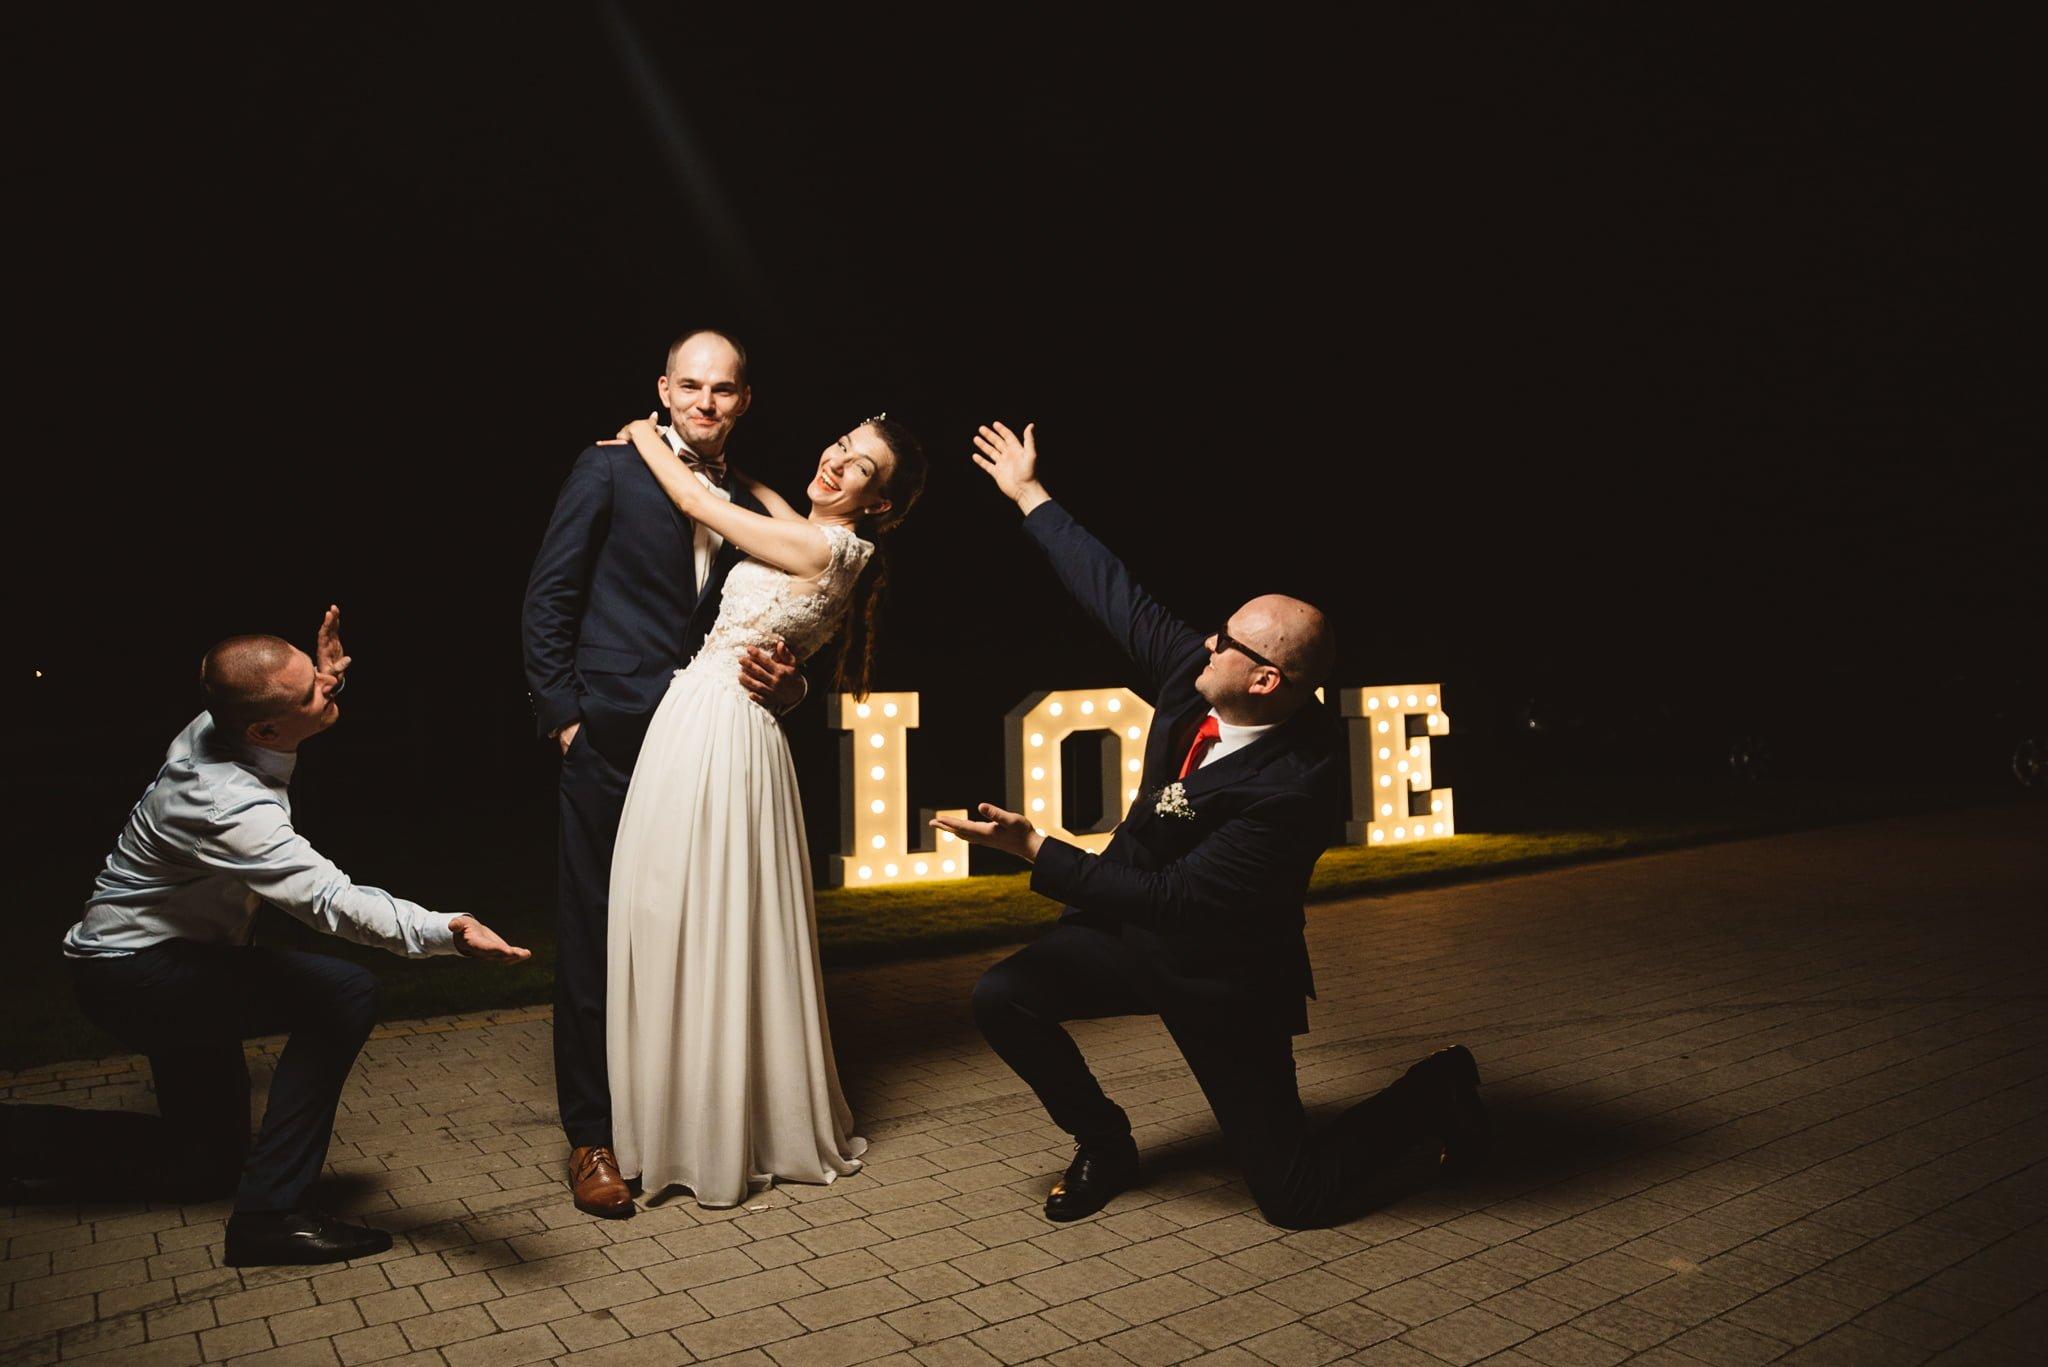 Ala i Arek, czyli jak zorganizować ślub i wesele w 4 tygodnie! 270